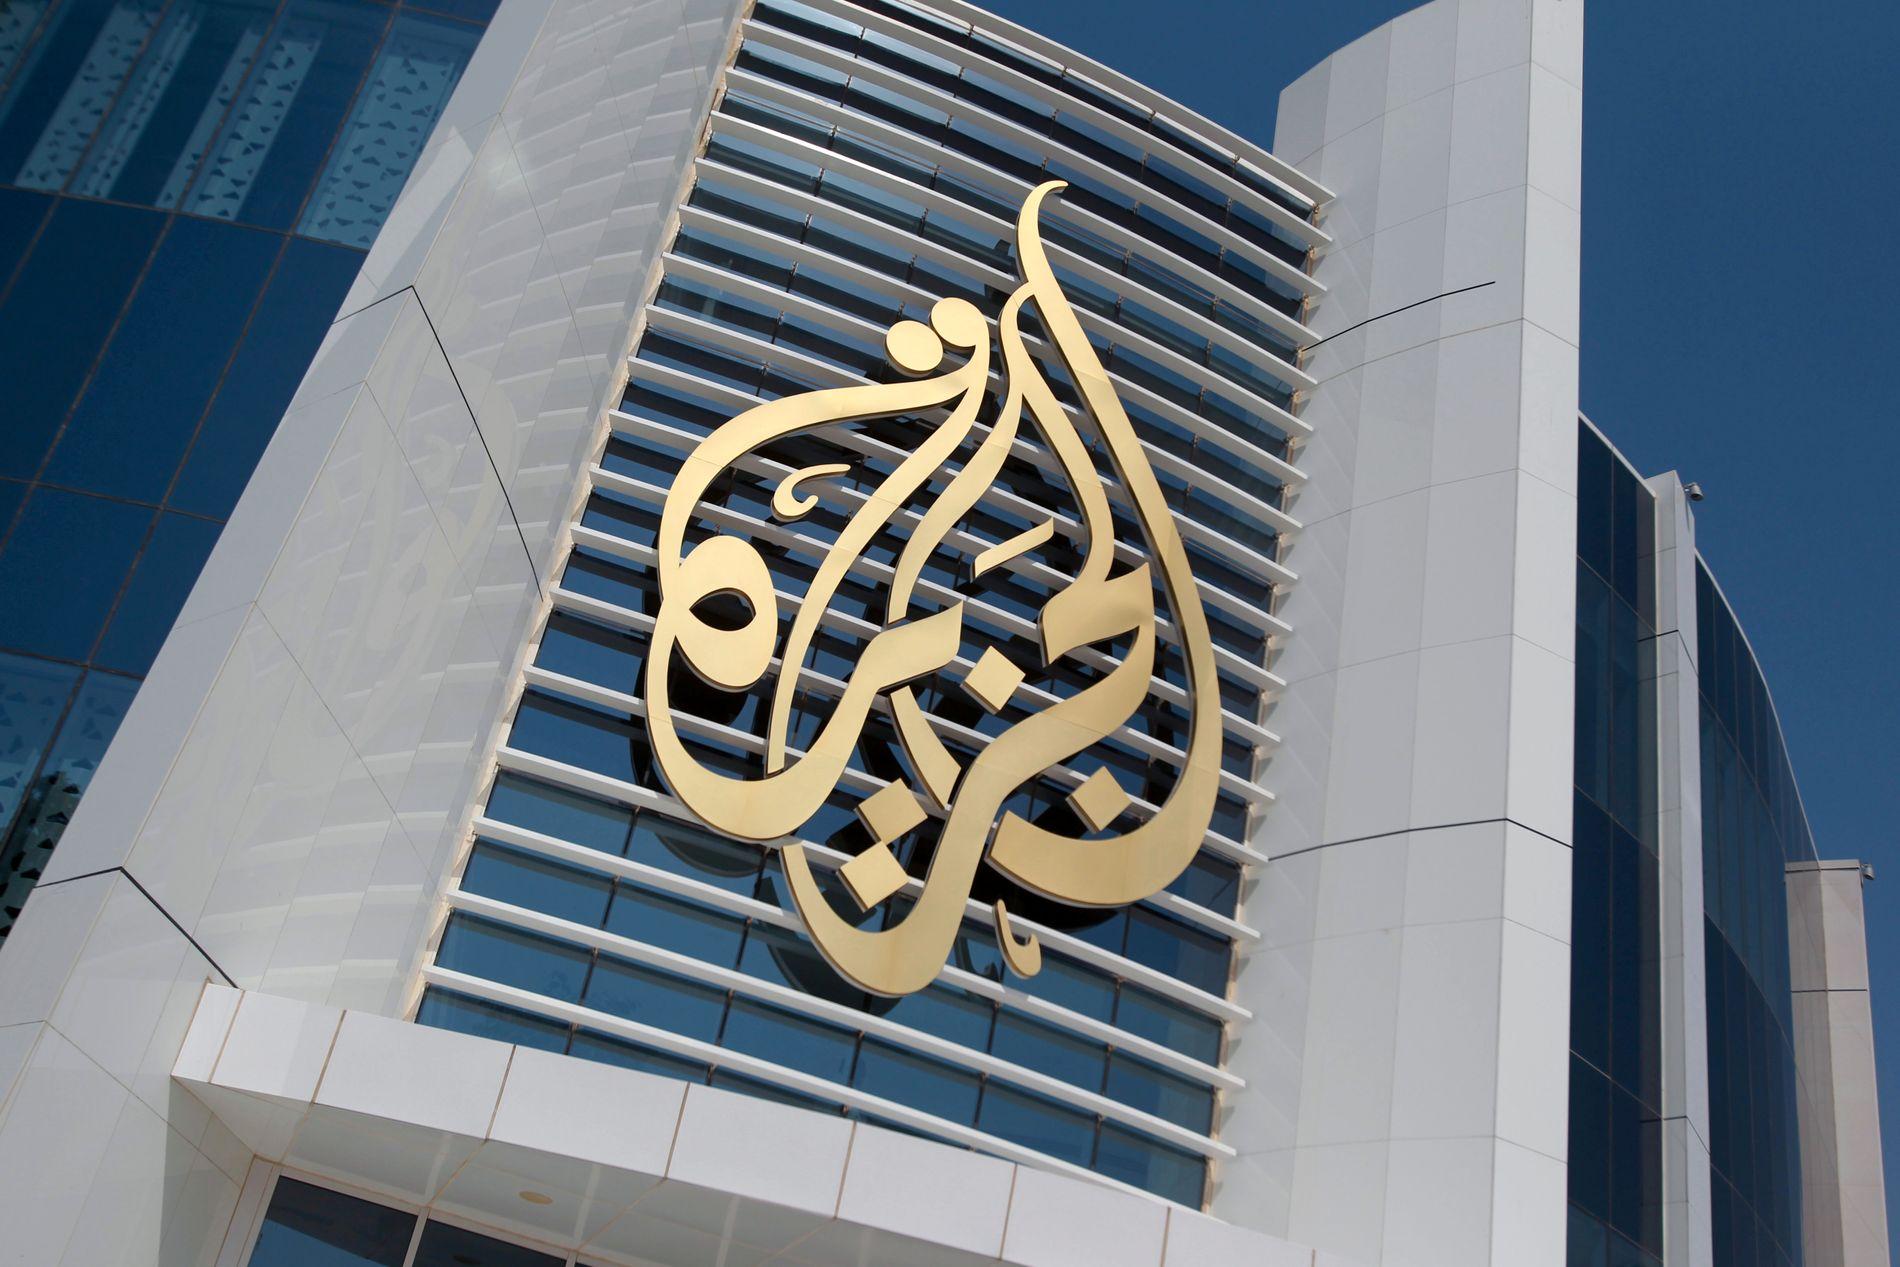 KREVES STENGT: Saudi-Arabia og tre andre arabiske land krever at Qatar stenger TV-stasjonen Al Jazeera. Bildet er fra hovedkvarteret i Doha.